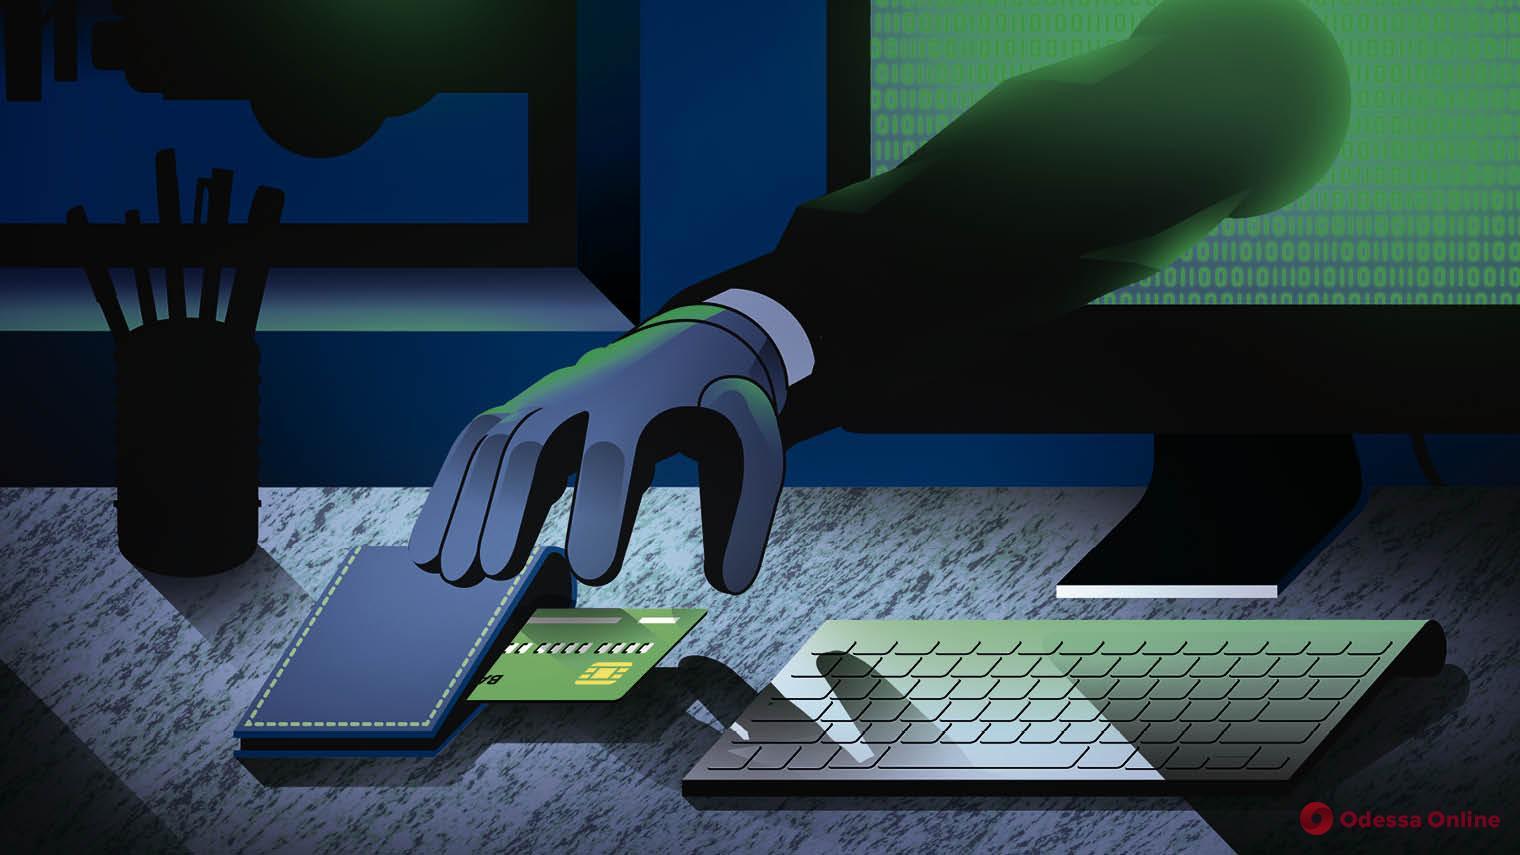 Новый вид аферы: в соцсетях мошенники проводят «платные опросы», опустошая банковские карты